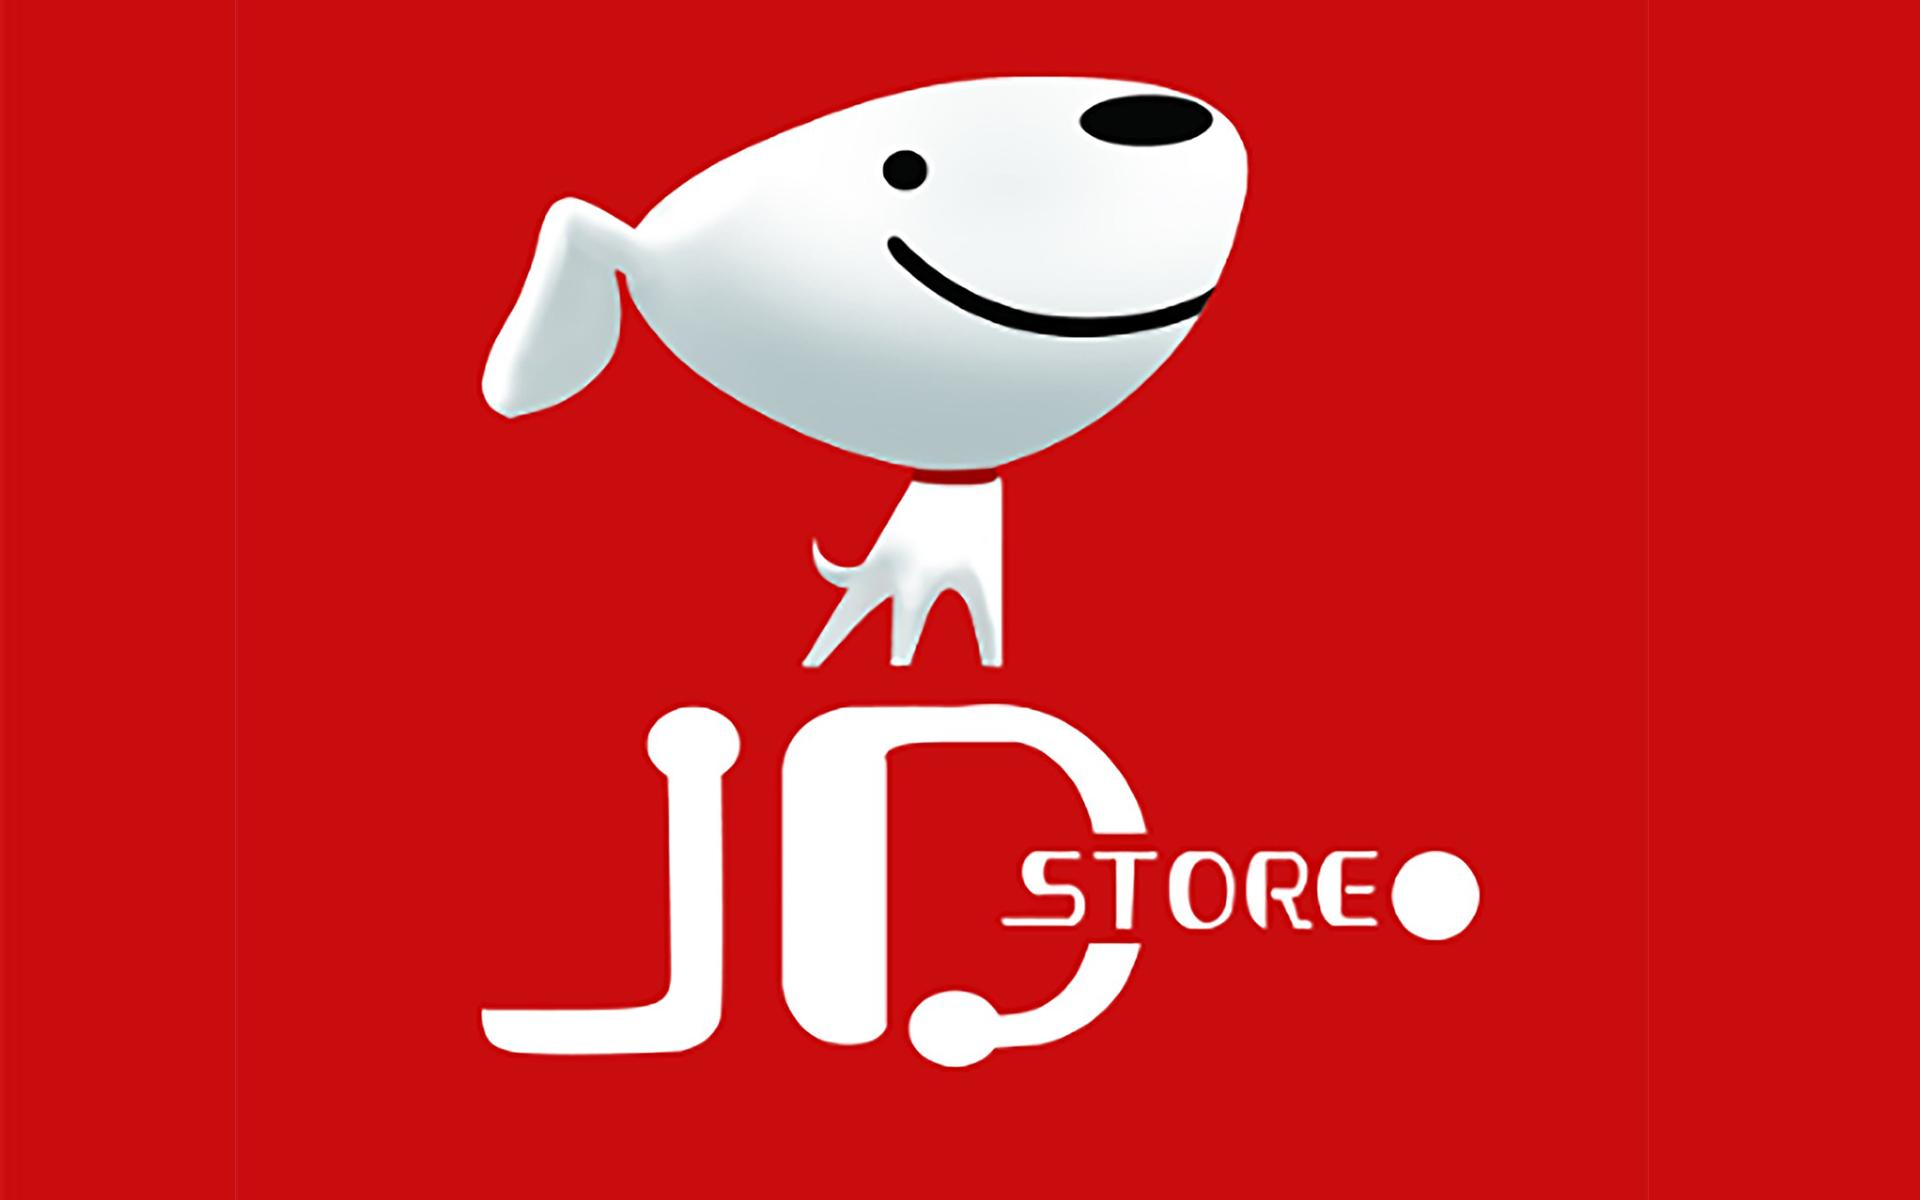 Jd Store Chain Solutii De Plata